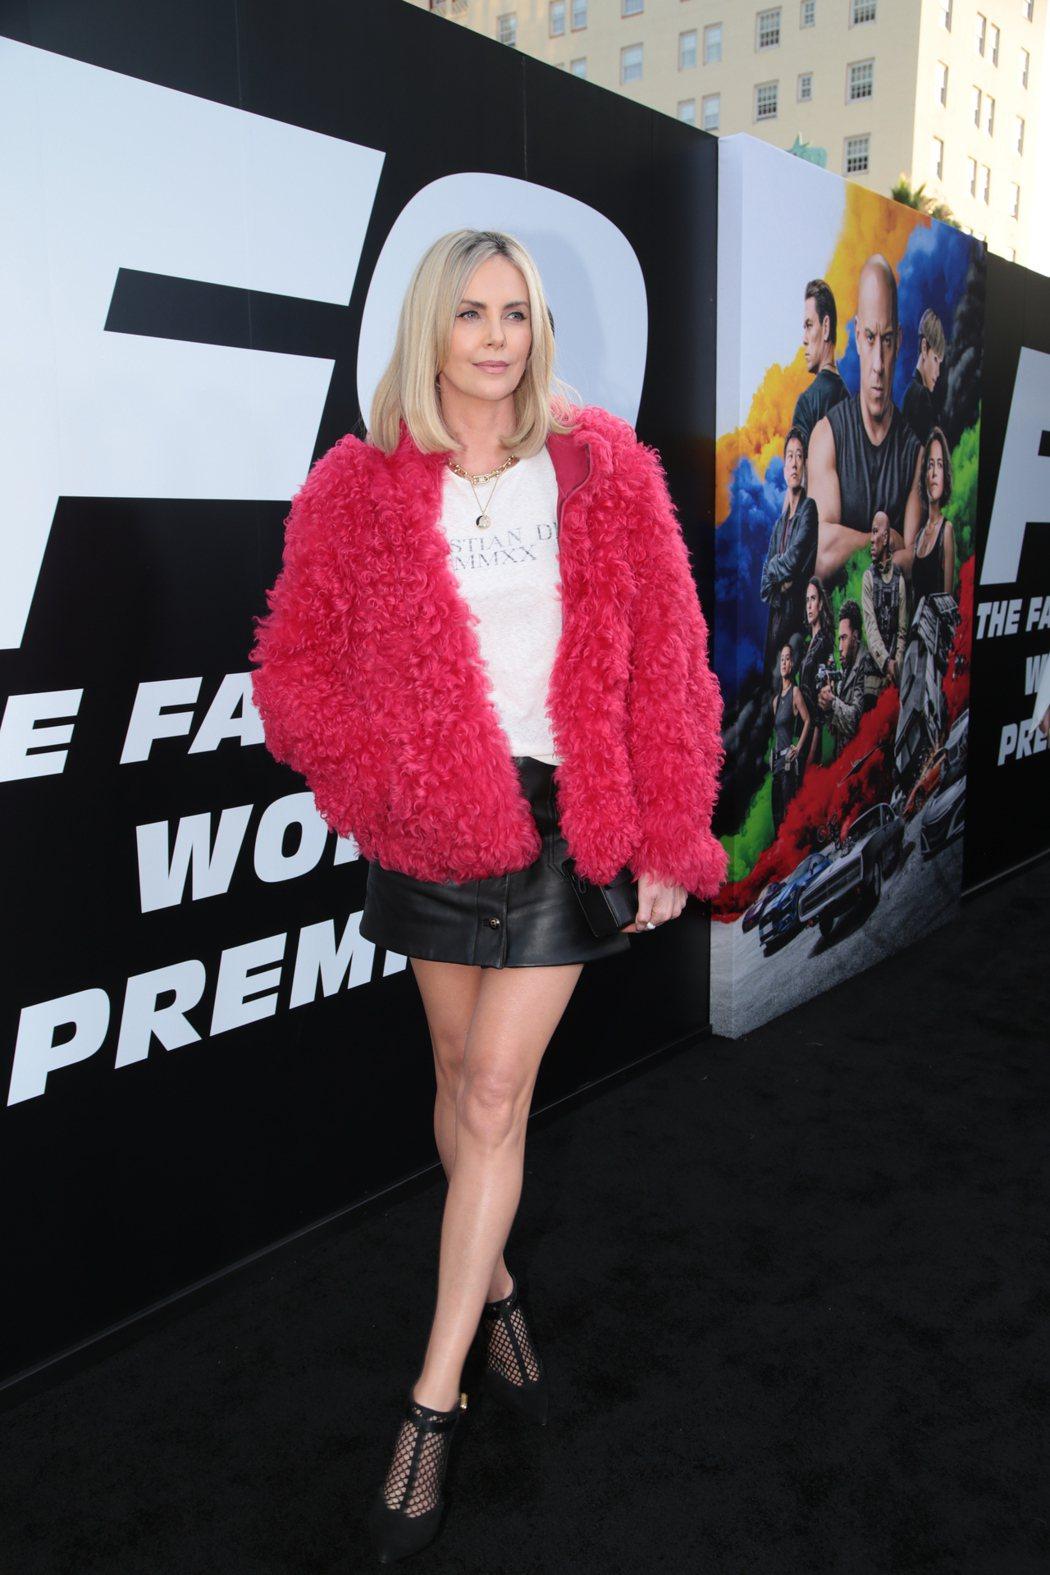 莎莉賽隆亮麗出席「玩命關頭9」好萊塢首映會。圖/UIP提供